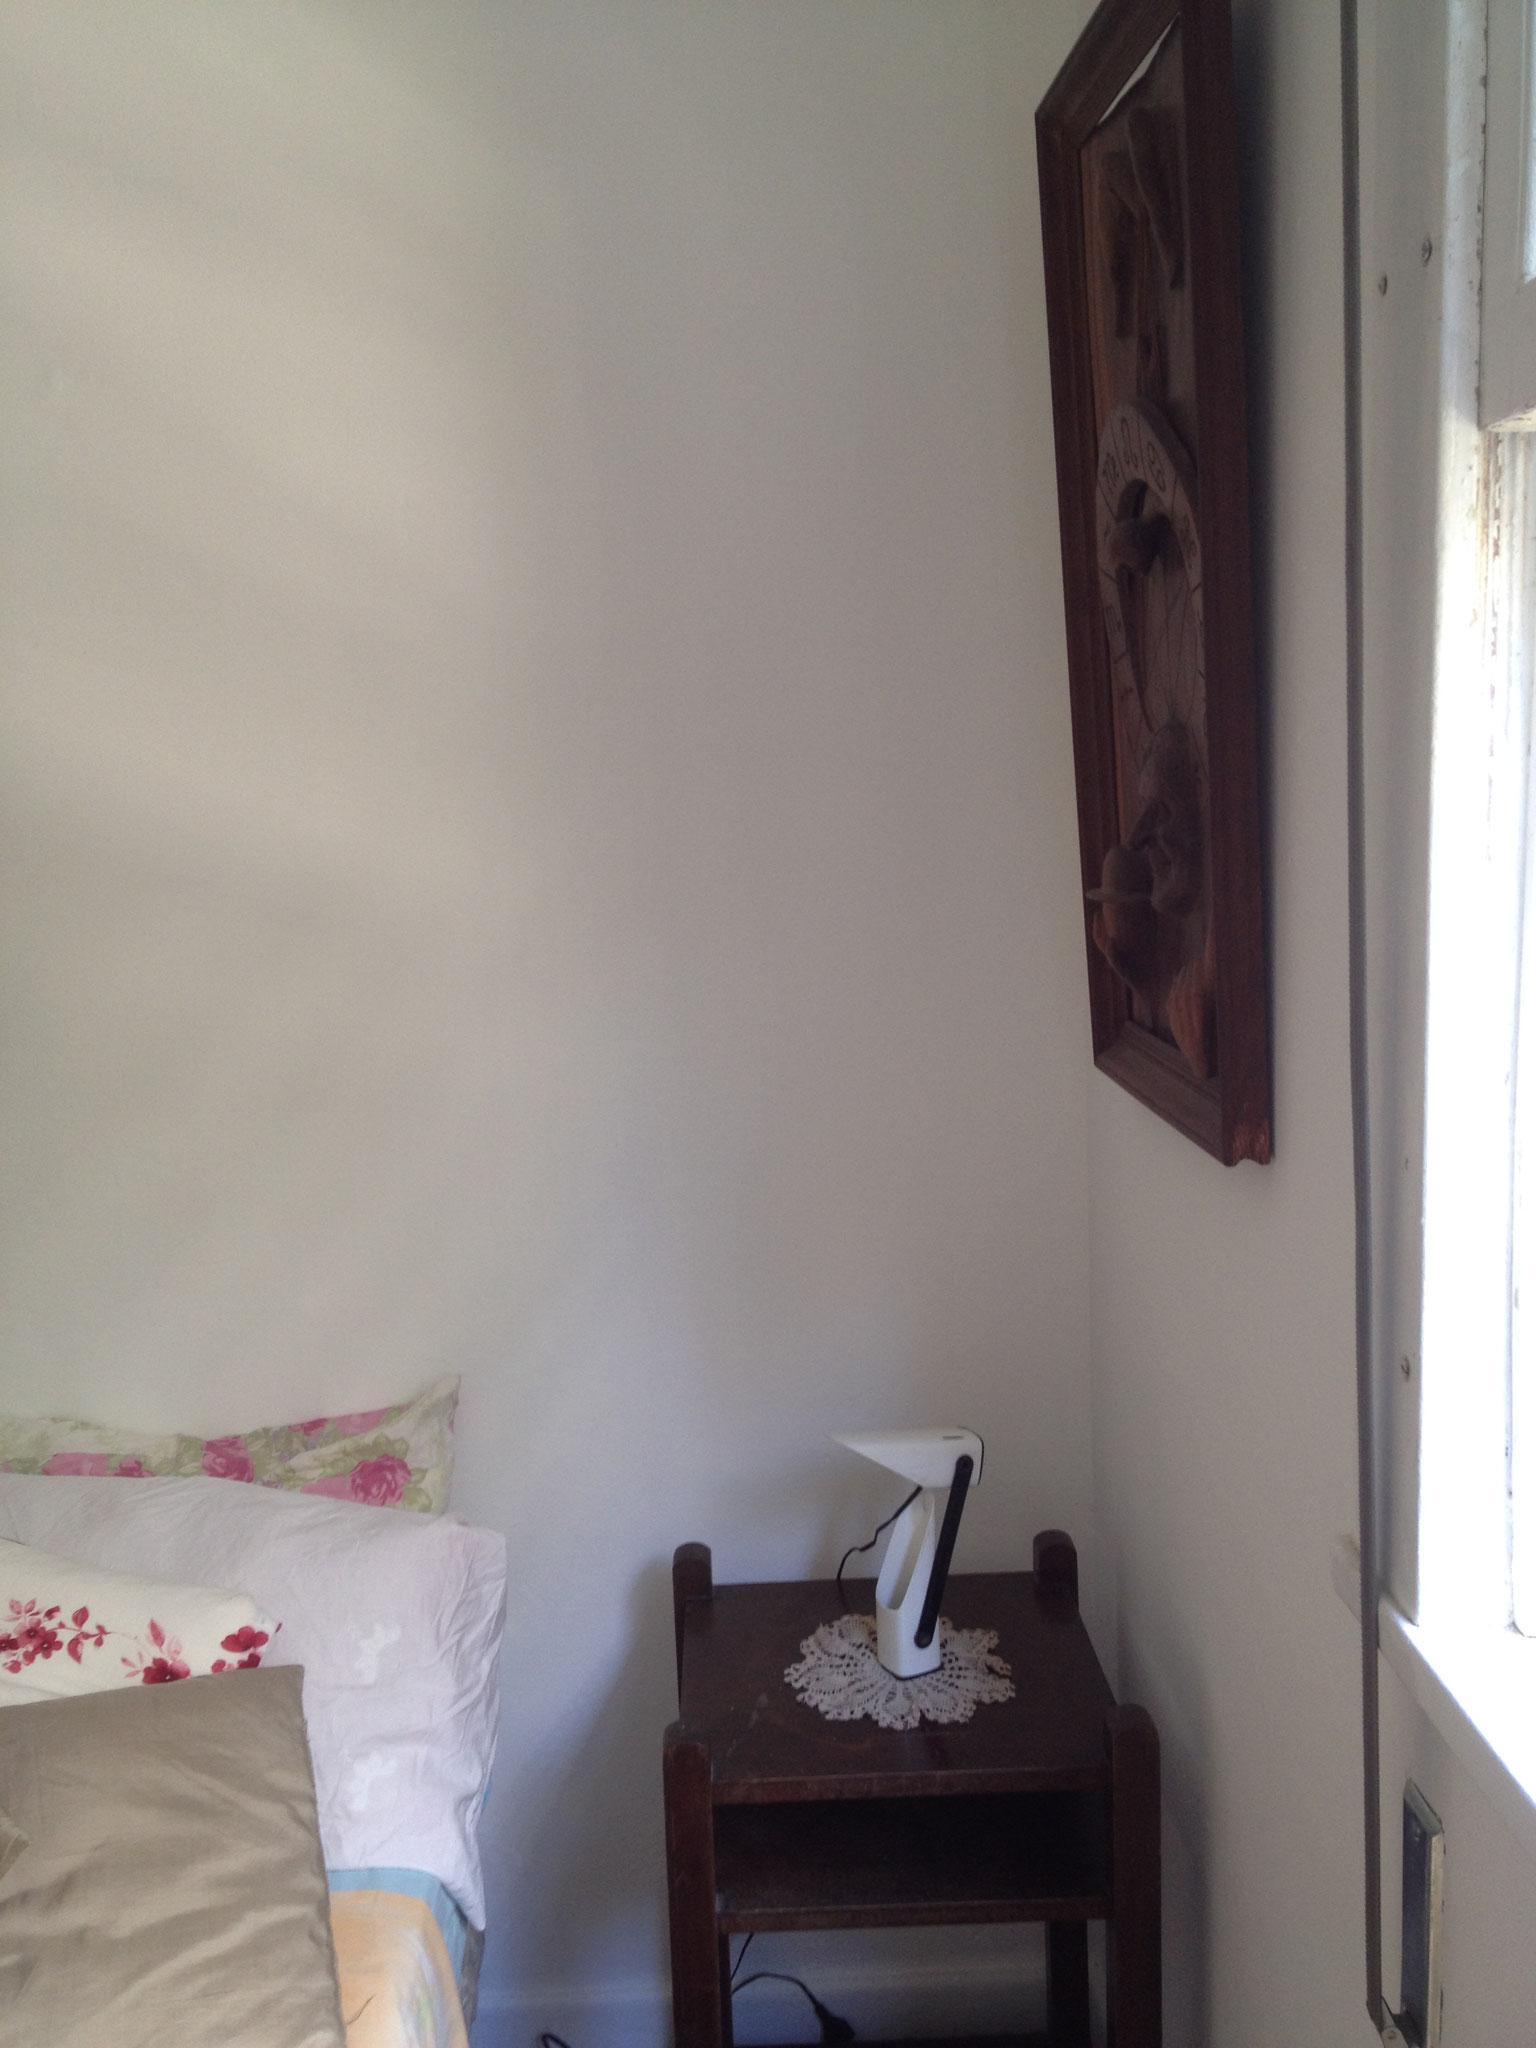 Ecke im zweiten Schafzimmer